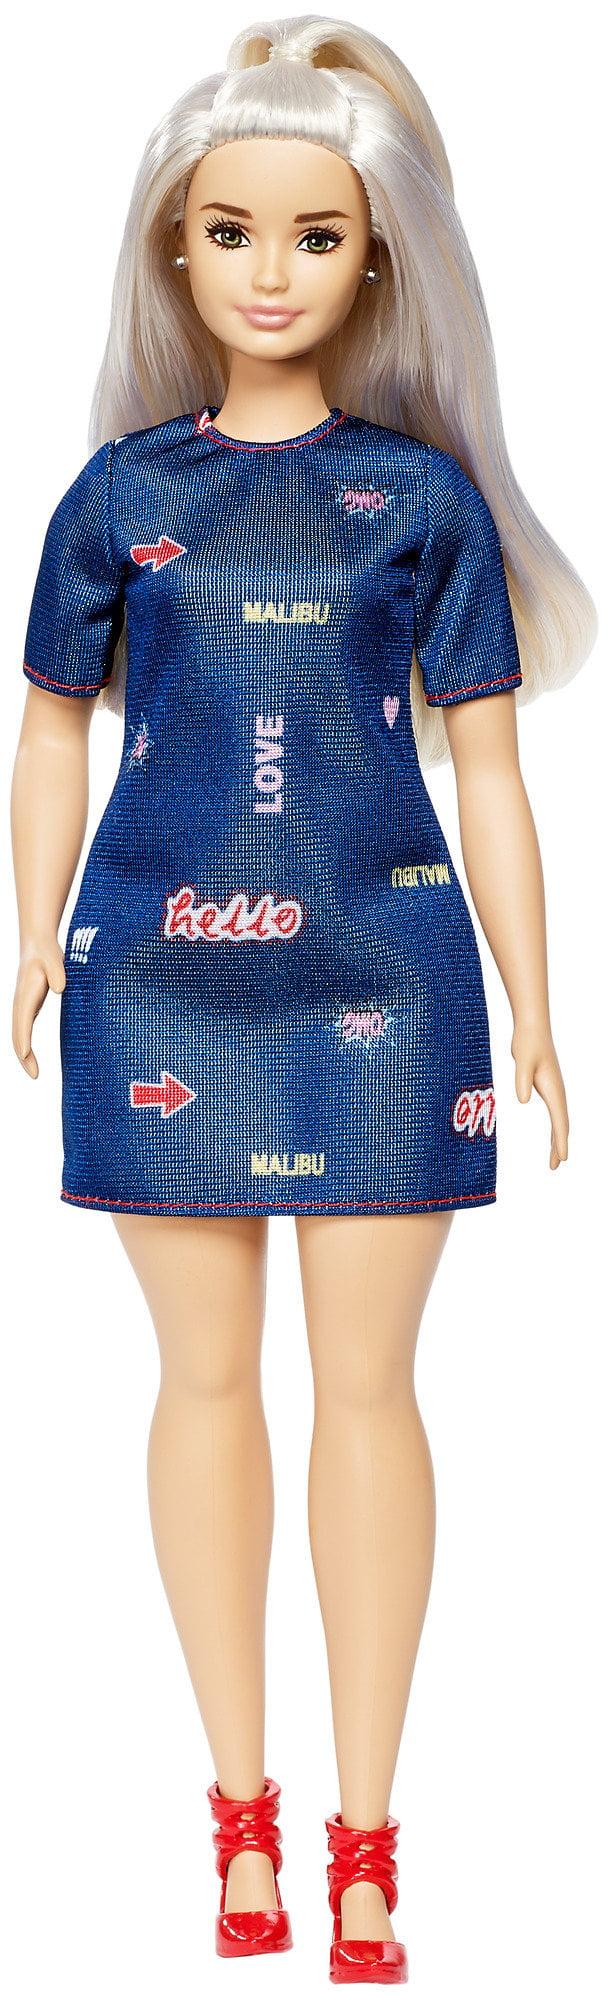 Barbie Fashionistas Just Sayin' Doll by Mattel